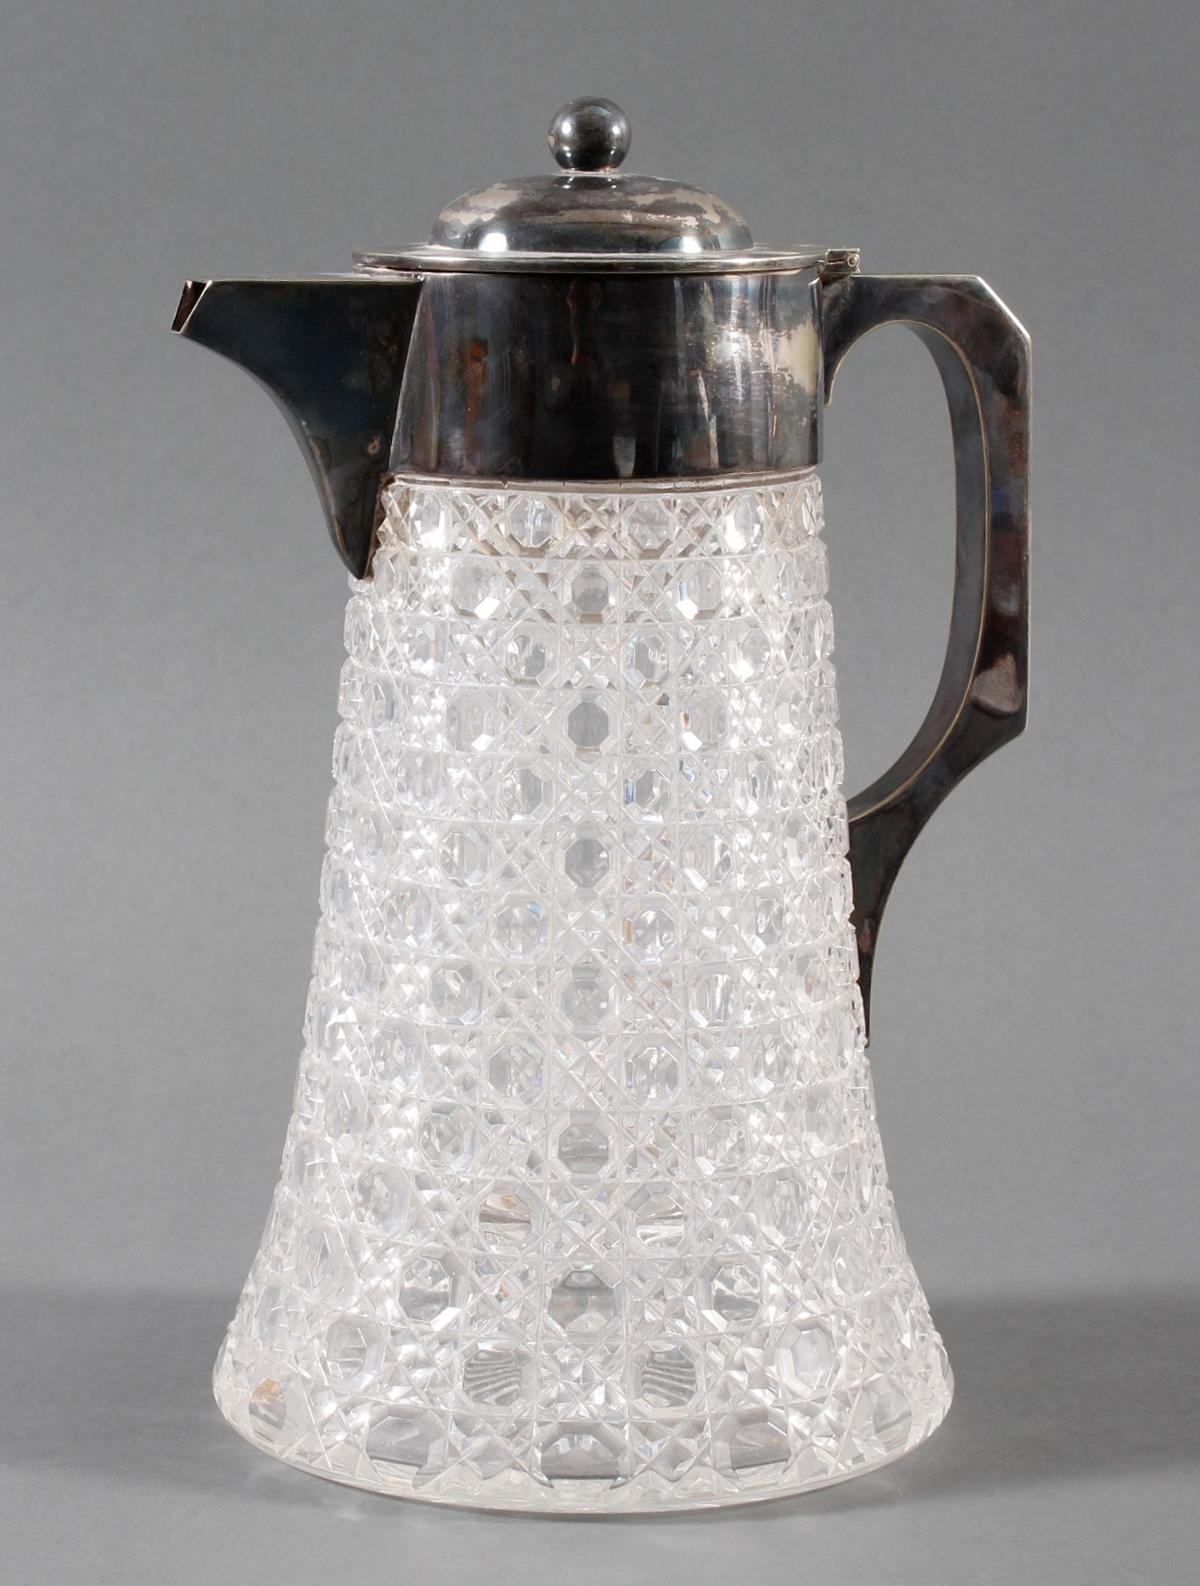 Schwere Kristallkaraffe mit versilberter Montur, 1. Hälfte 20. Jahrhundert-3